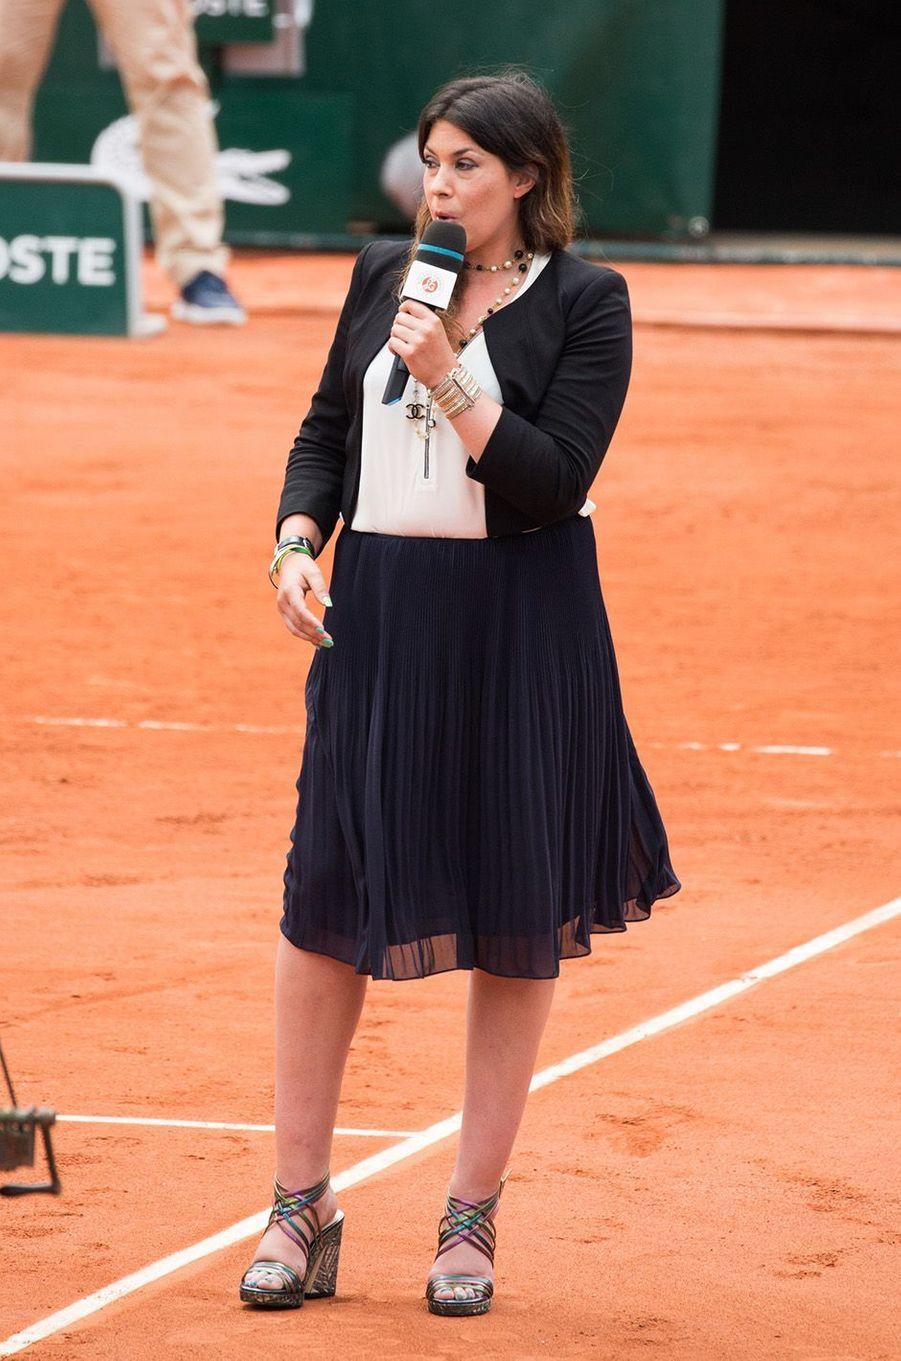 Marion Bartoli sur les courts de Roland Garros en tant que consultante, le 2 juin 2017.